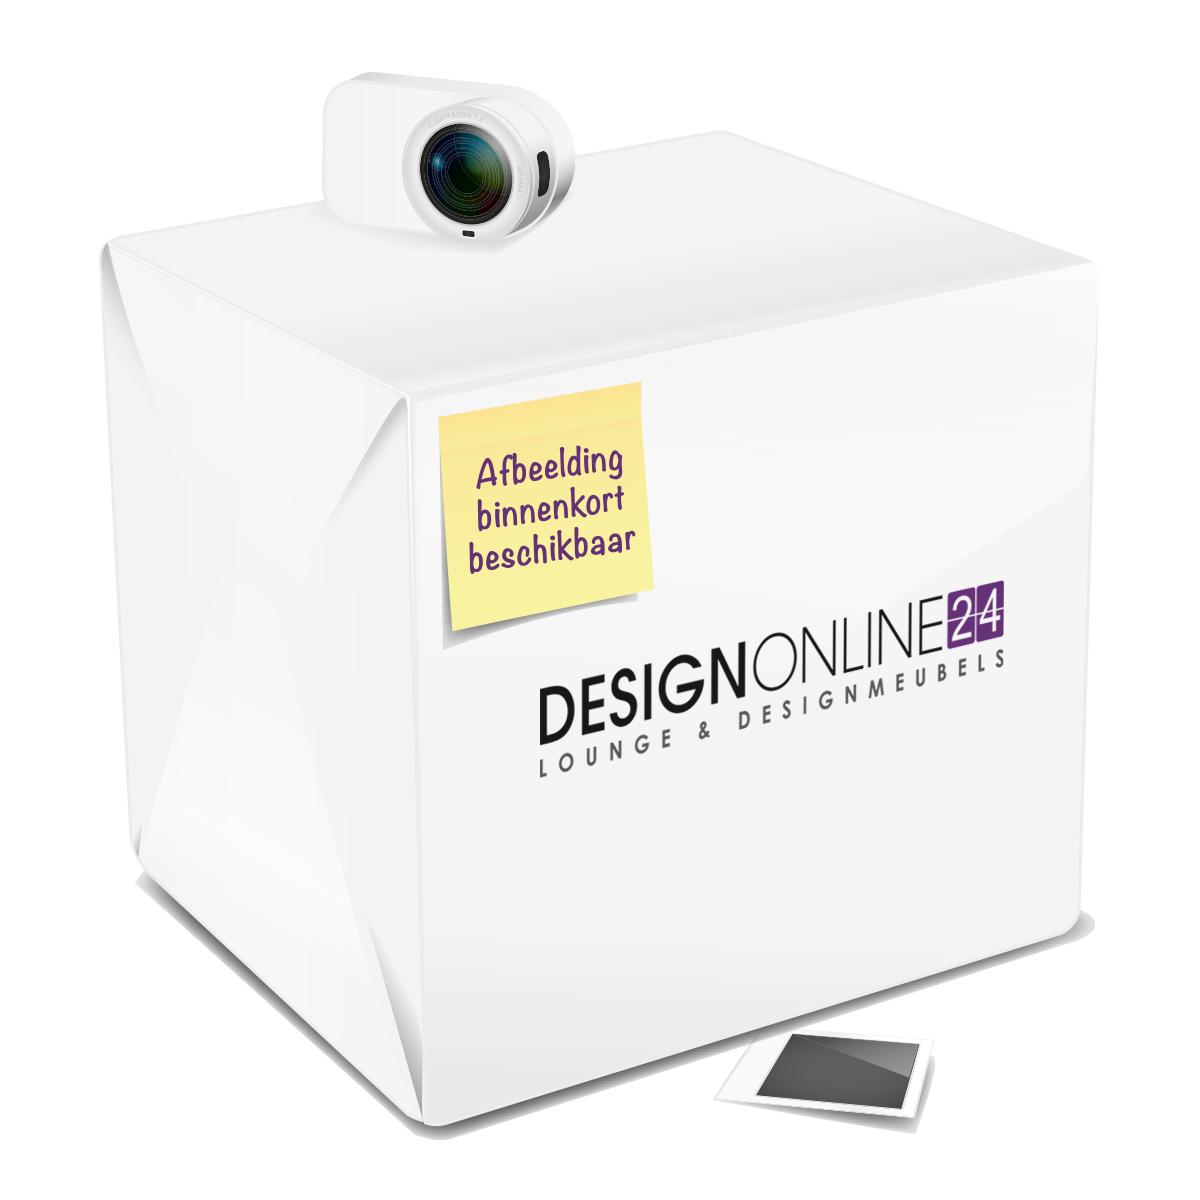 24Designs Ligbed 1 persoons - Sandy - Verstelbaar - Zandkleur Polyrattan Wicker met Antraciet Grijze kussens